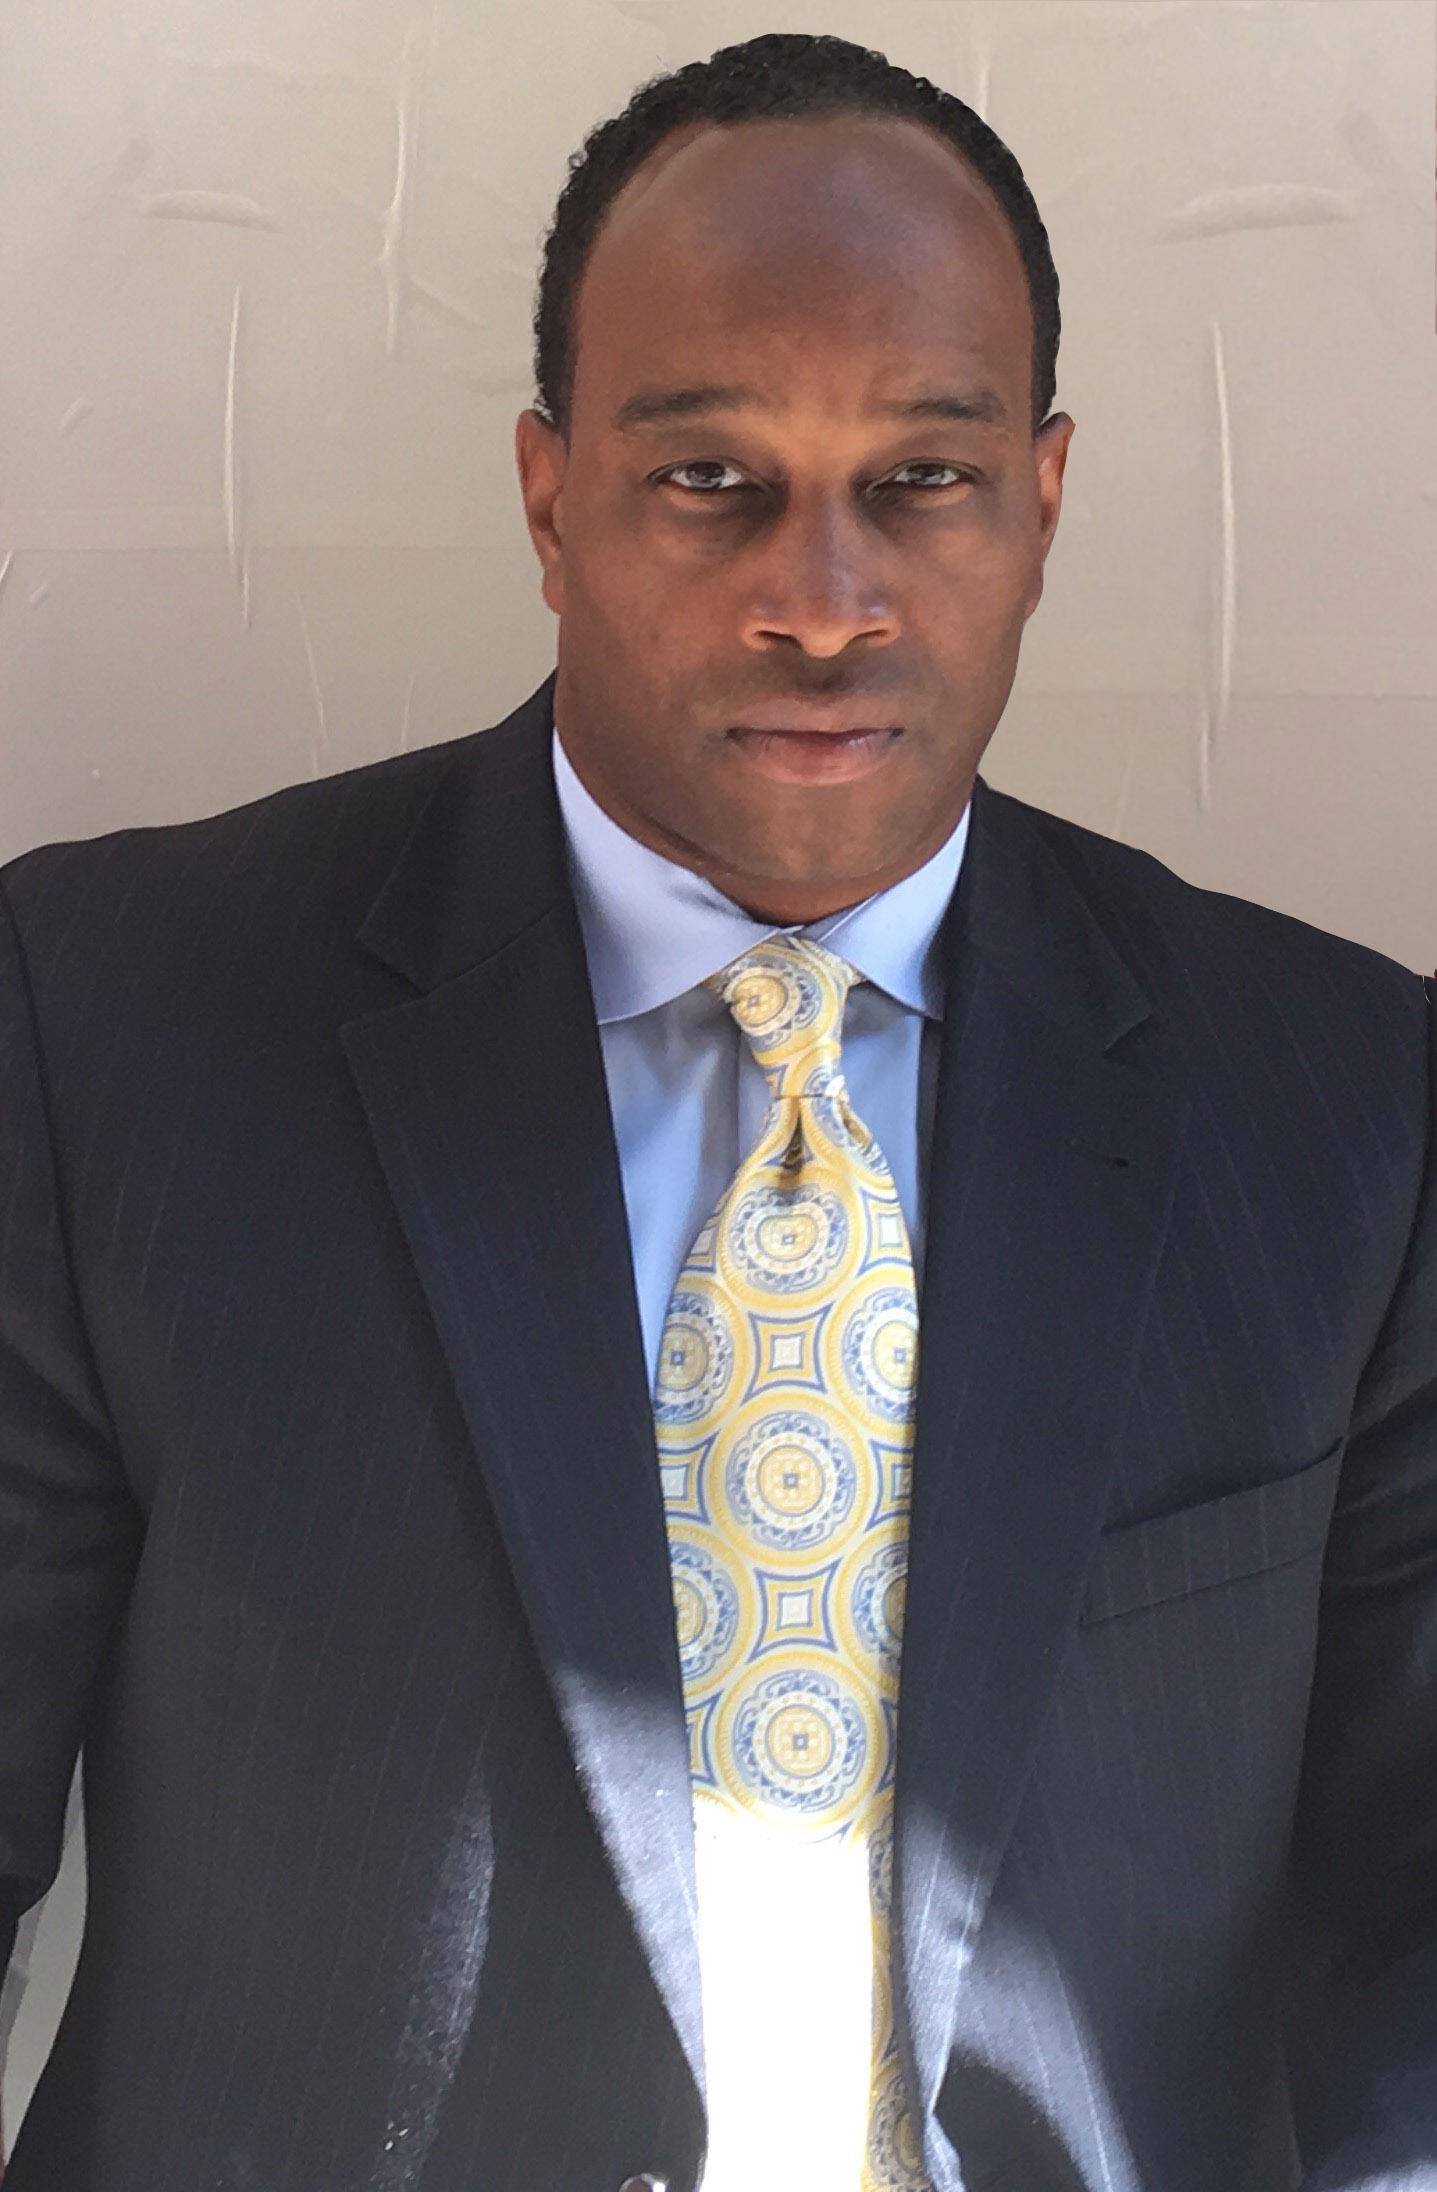 Reginald Baskerville - Baltimore, MD